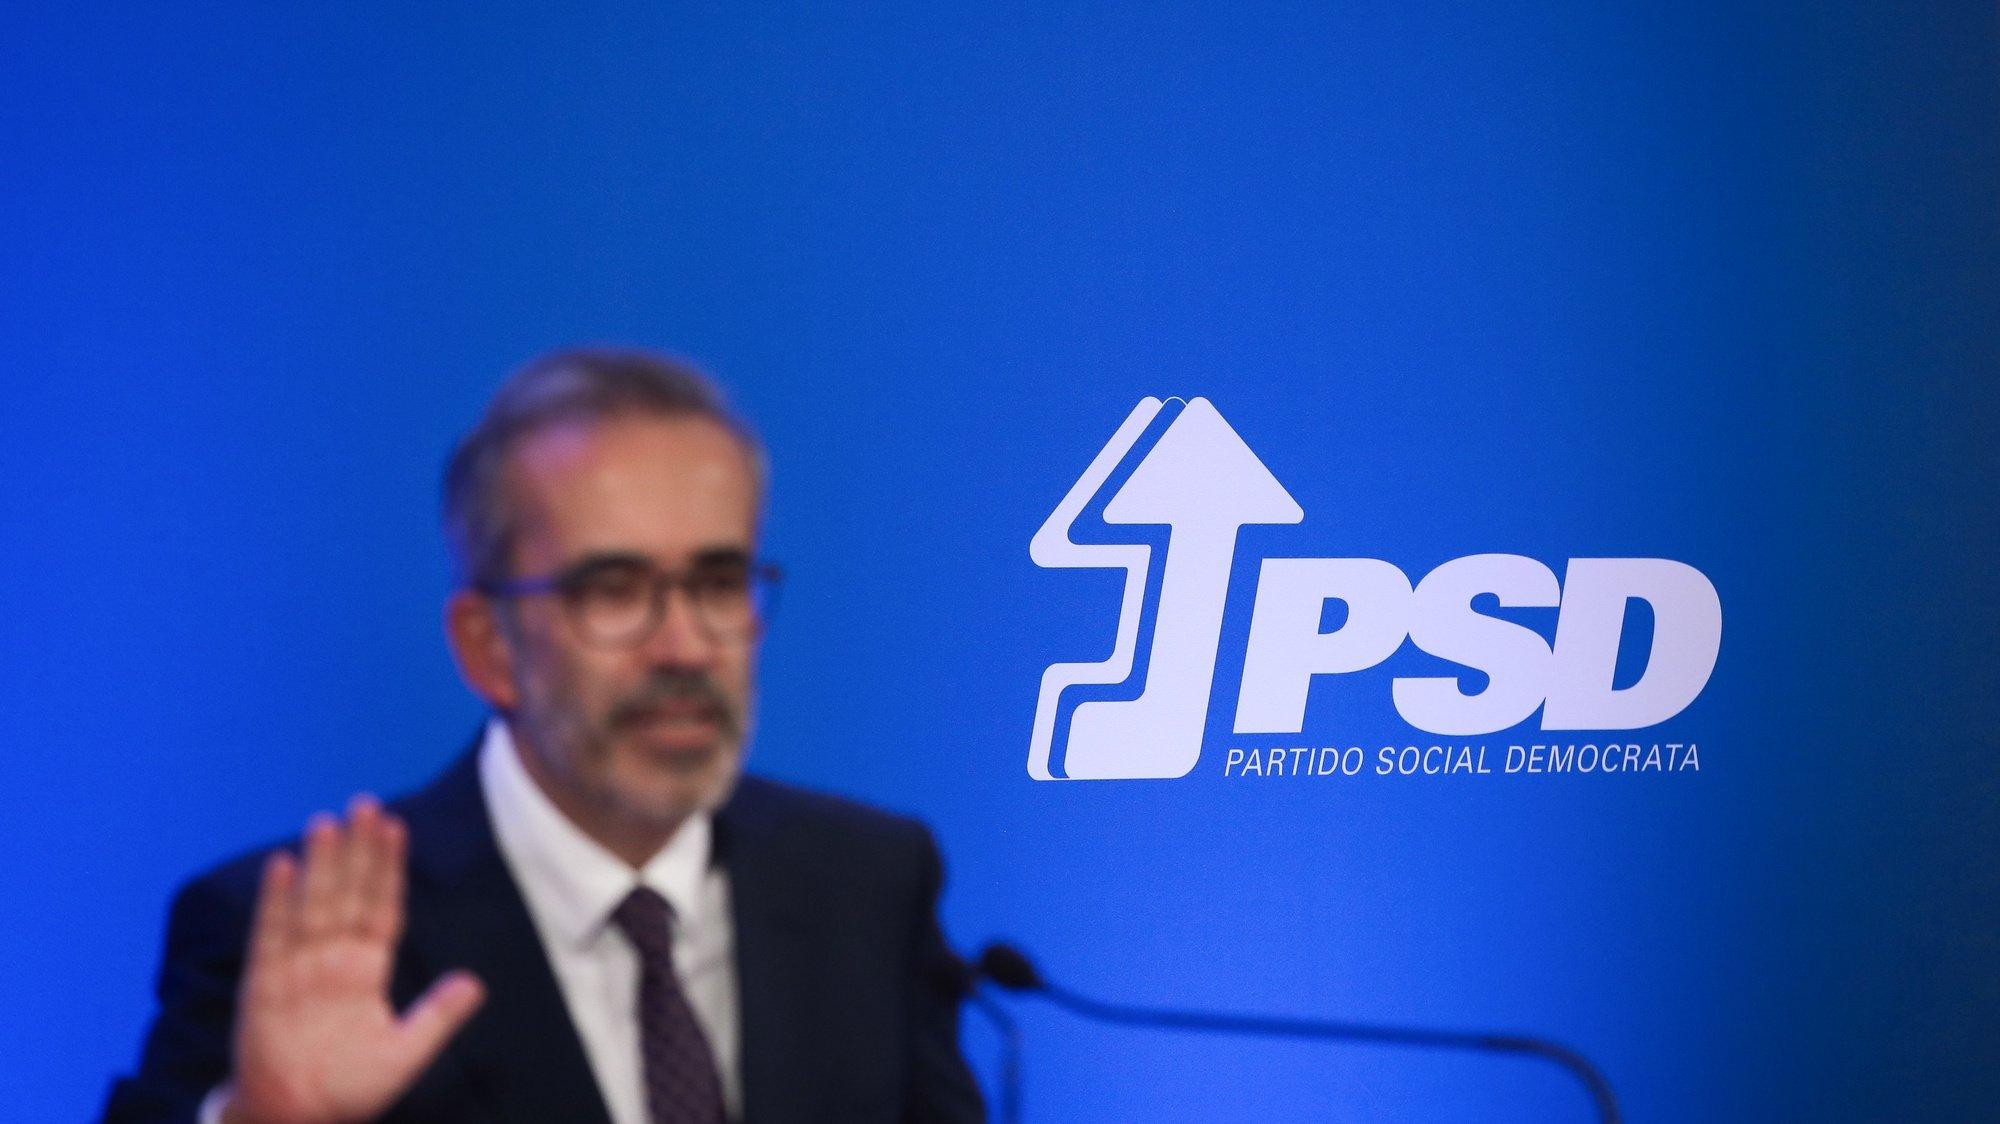 O eurodeputado do Partido Social Democrata (PSD), Paulo Rangel, durante a apresentação da sua candidatura à liderança do partido, em Lisboa, 15 de outubro de 2021. As eleições diretas do Partido Social Democrata ocorrem a 4 de dezembro. MÁRIO CRUZ/LUSA